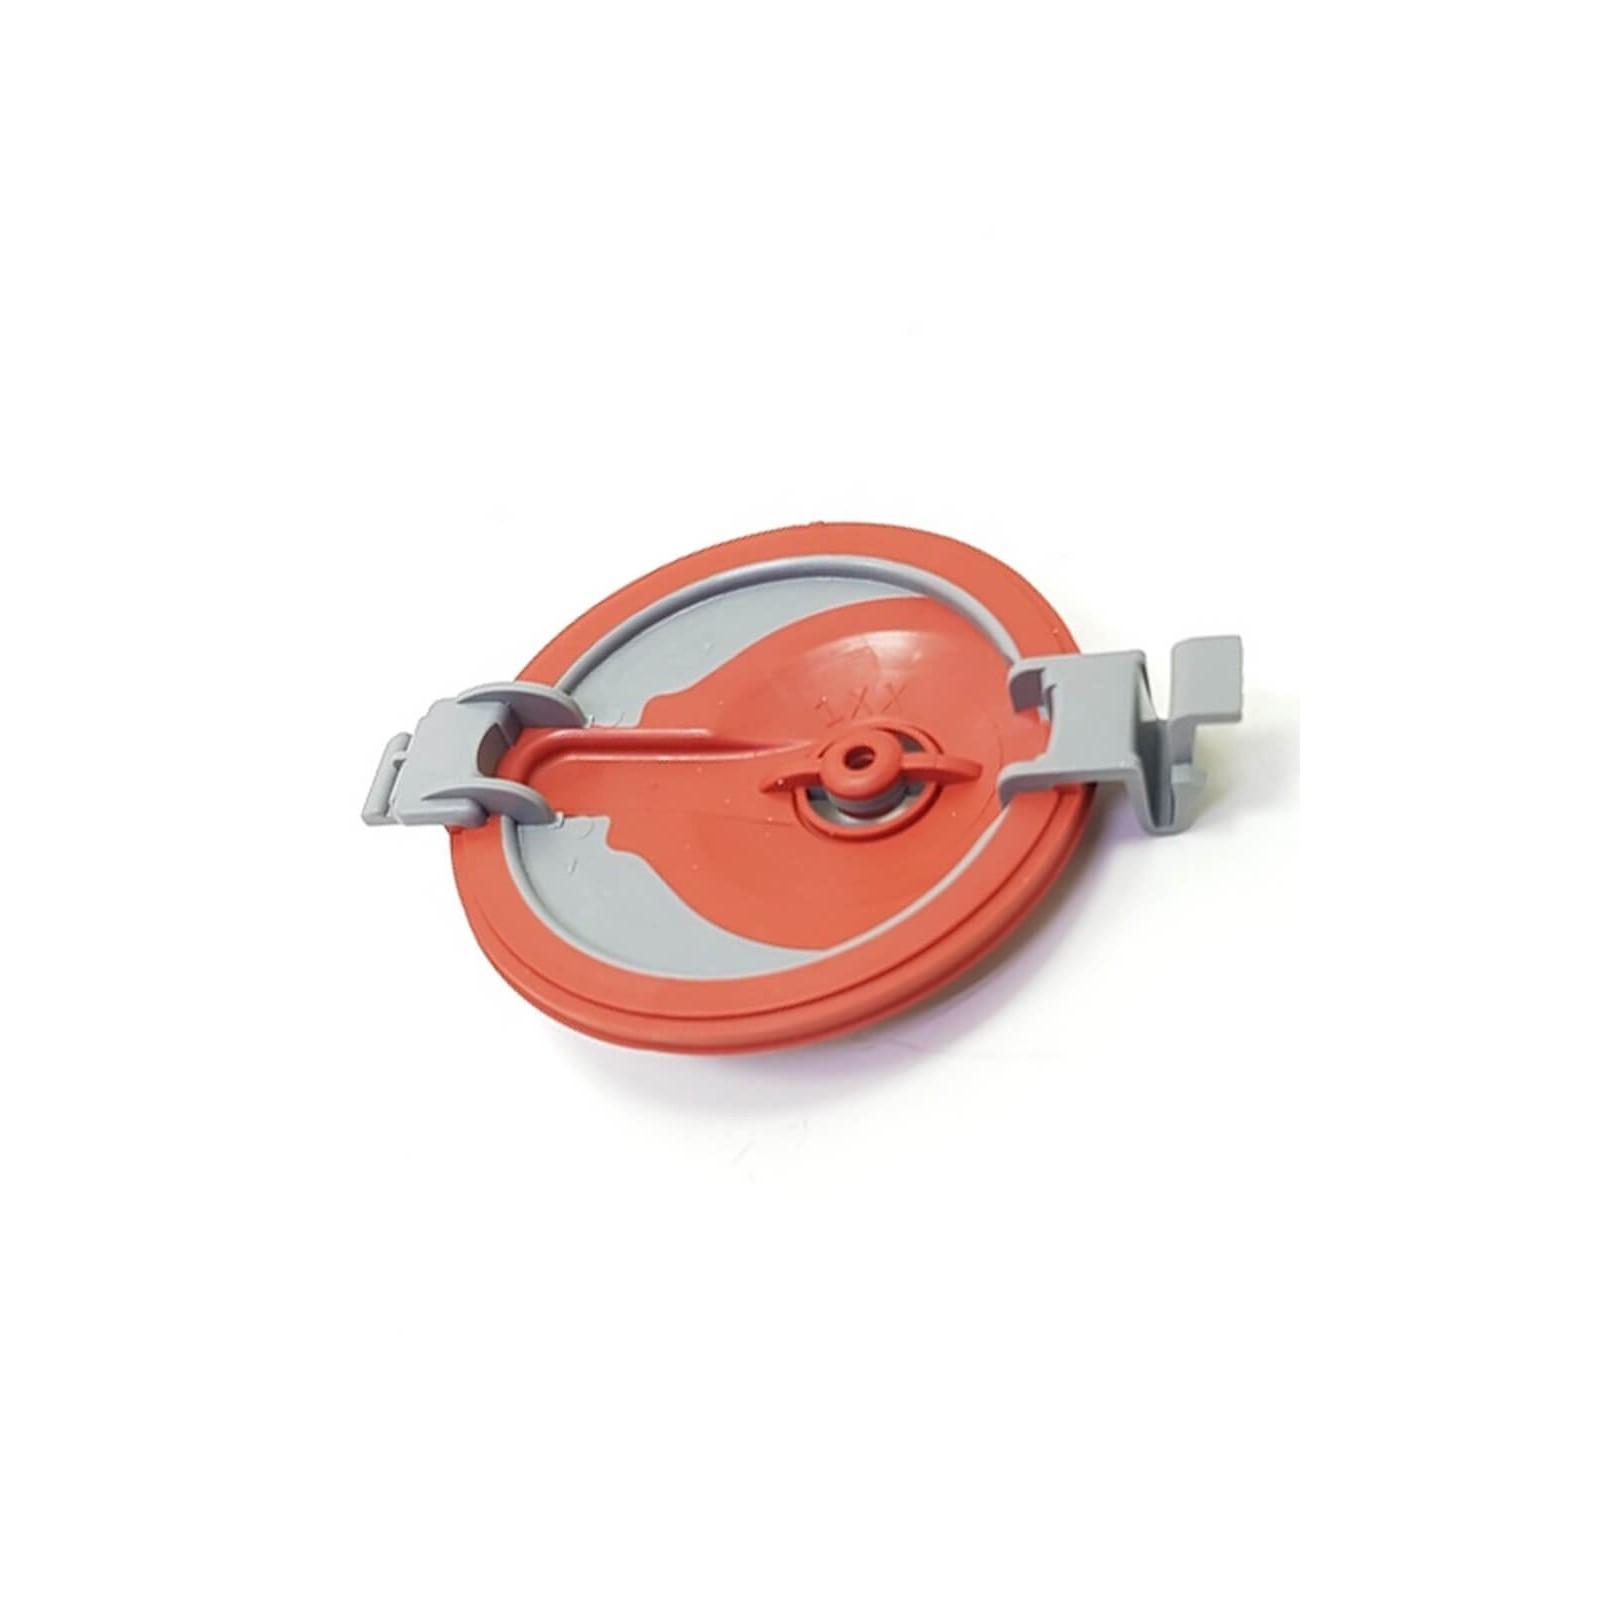 Askoll ricambio coprigirante filtro Pratiko 300 - 400 super silent 3.0